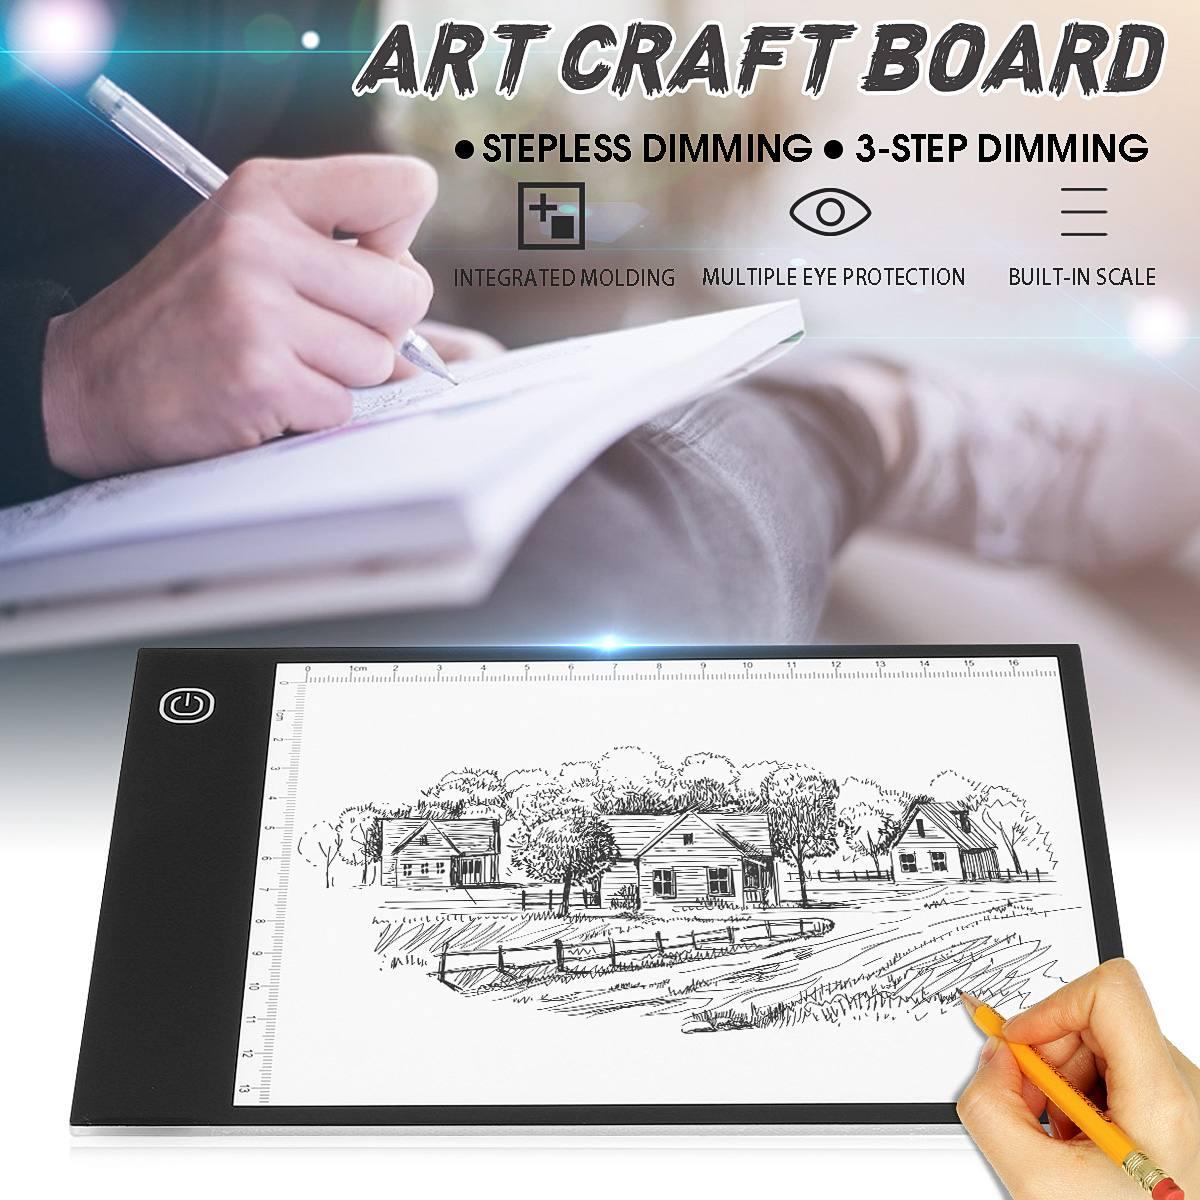 Digitale Tablet A5 LED Licht Box Tracing Kunst Bord Handwerk Zeichnung Kopie Pad Tabelle Schablone Display Elektronik Schreiben Tablet 2 typ